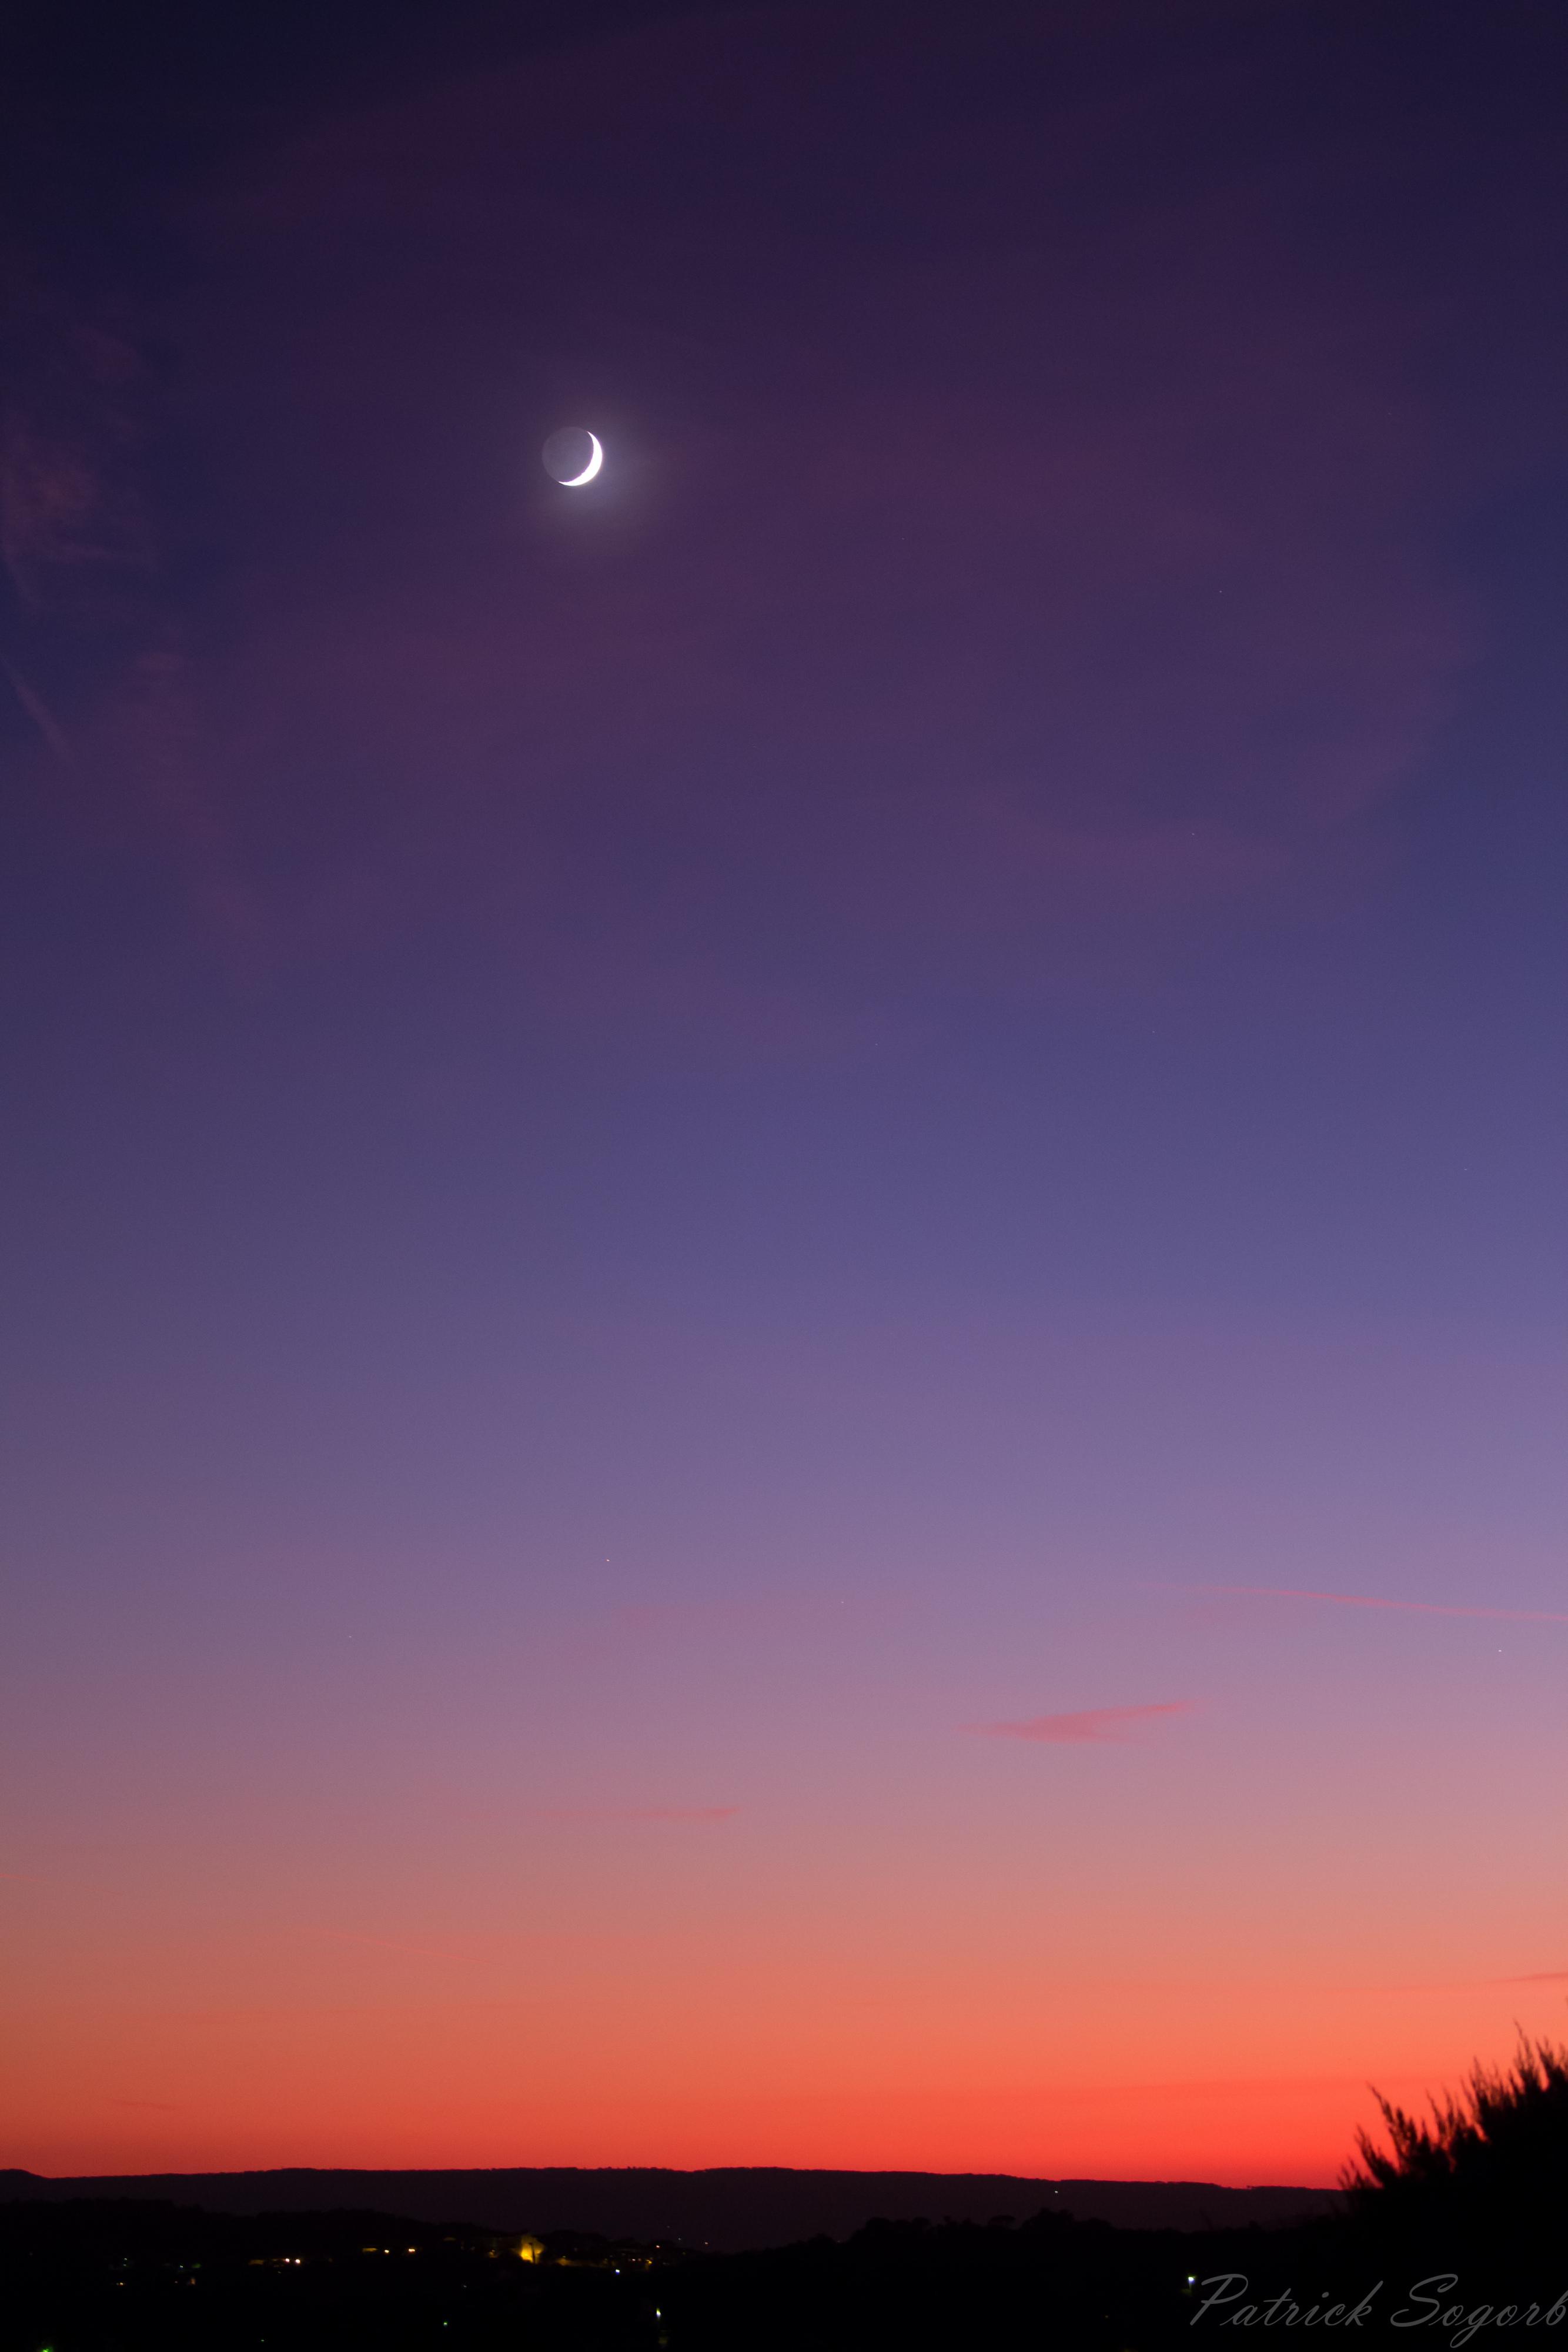 Lumière cendrée sur fond de coucher de Soleil